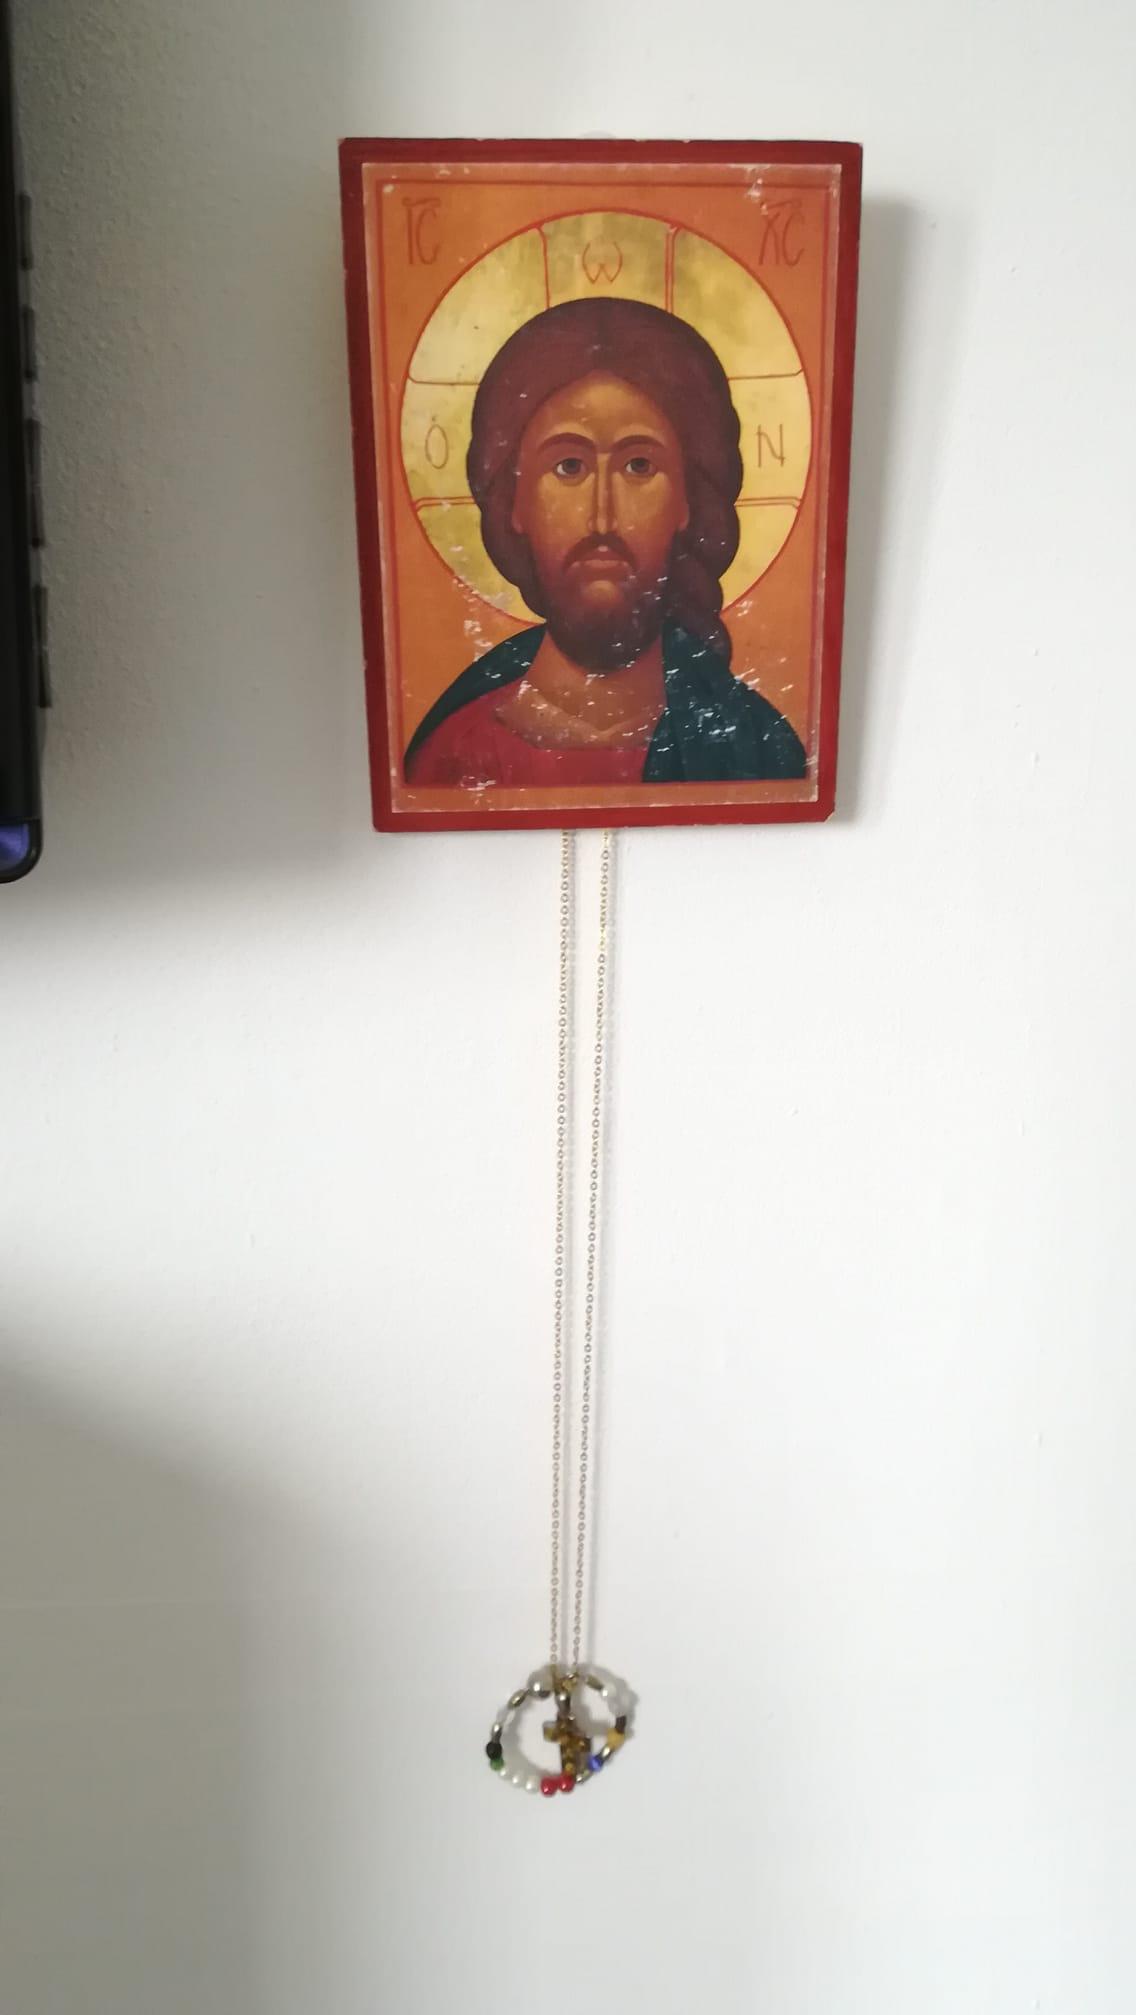 Ikonimaalaus Jeesuksesta ja siitä roikkuva risti.